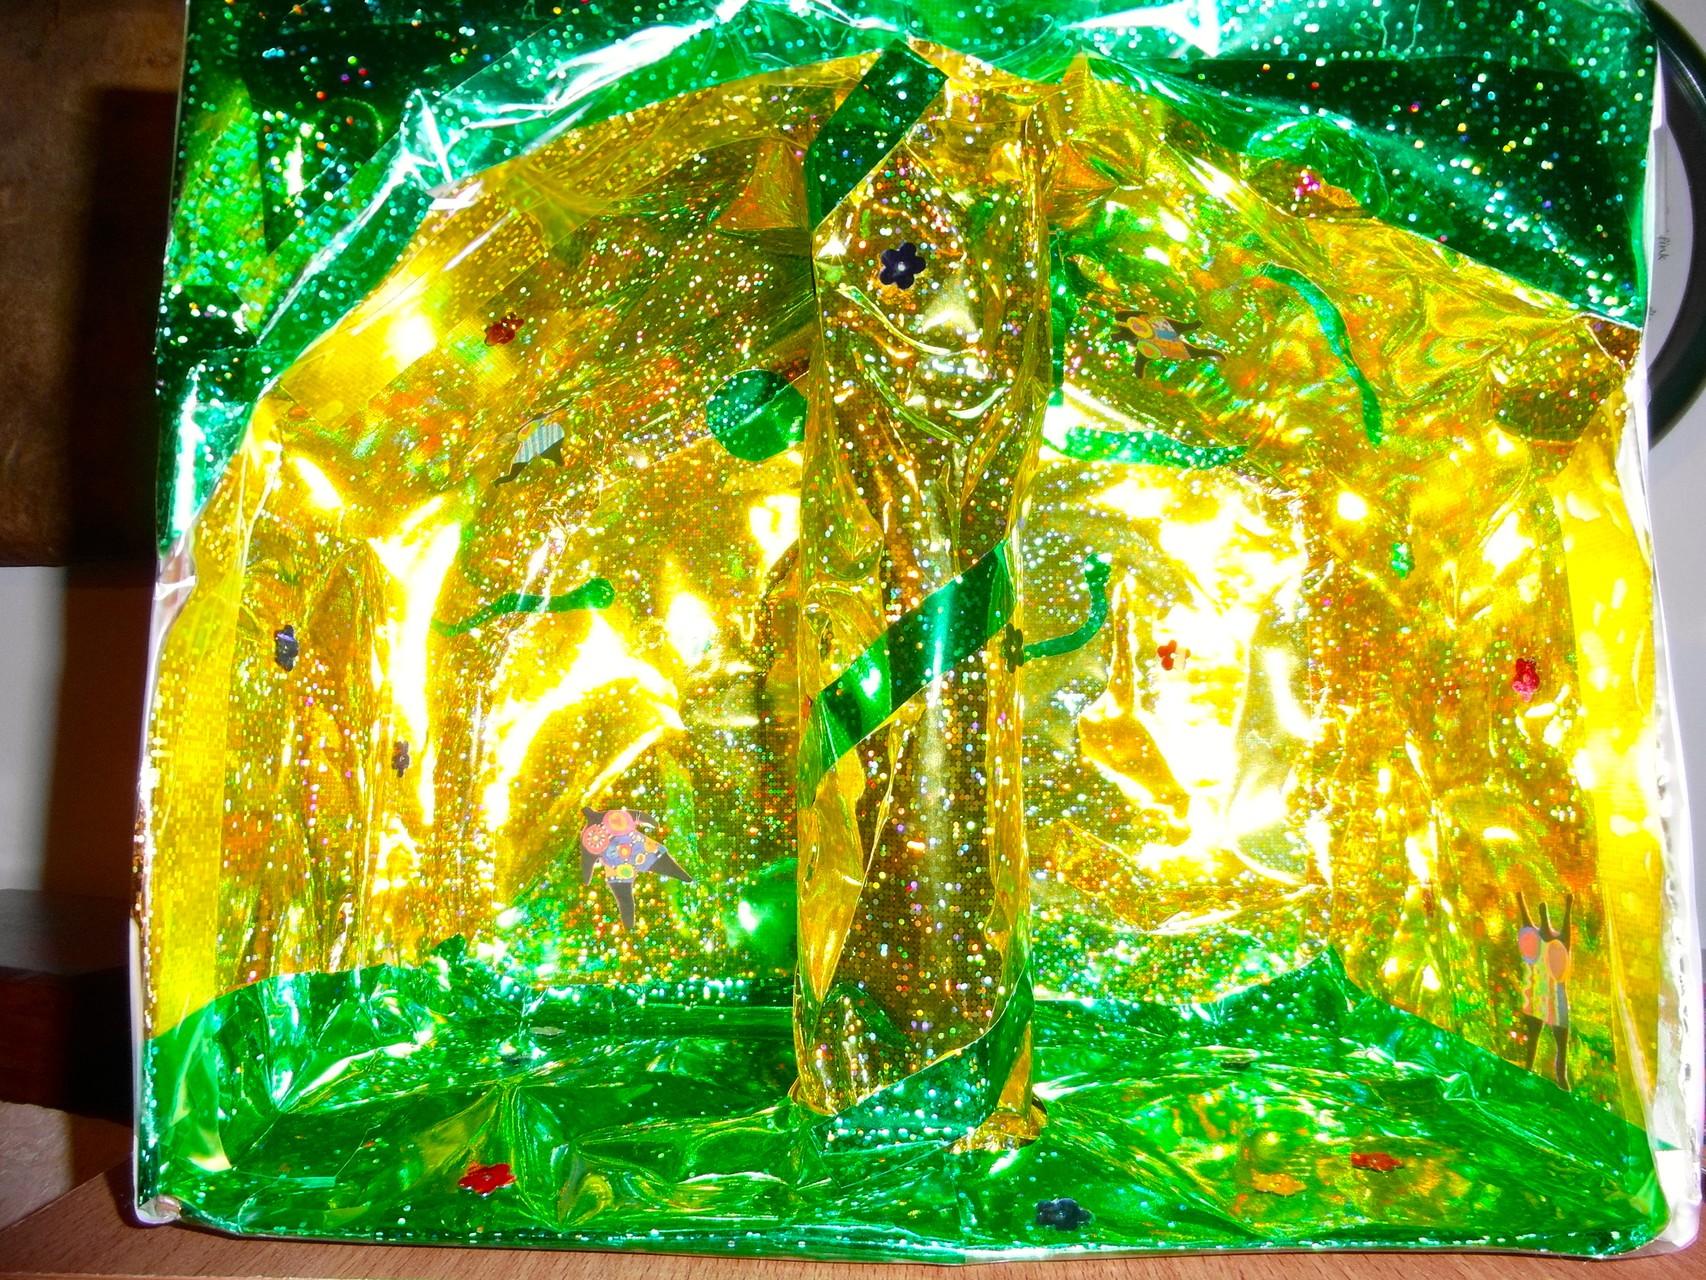 die Zauberhöhle inspiriert von Niki de Saint Phalle Kunstprojekt mit 10 Jährigen